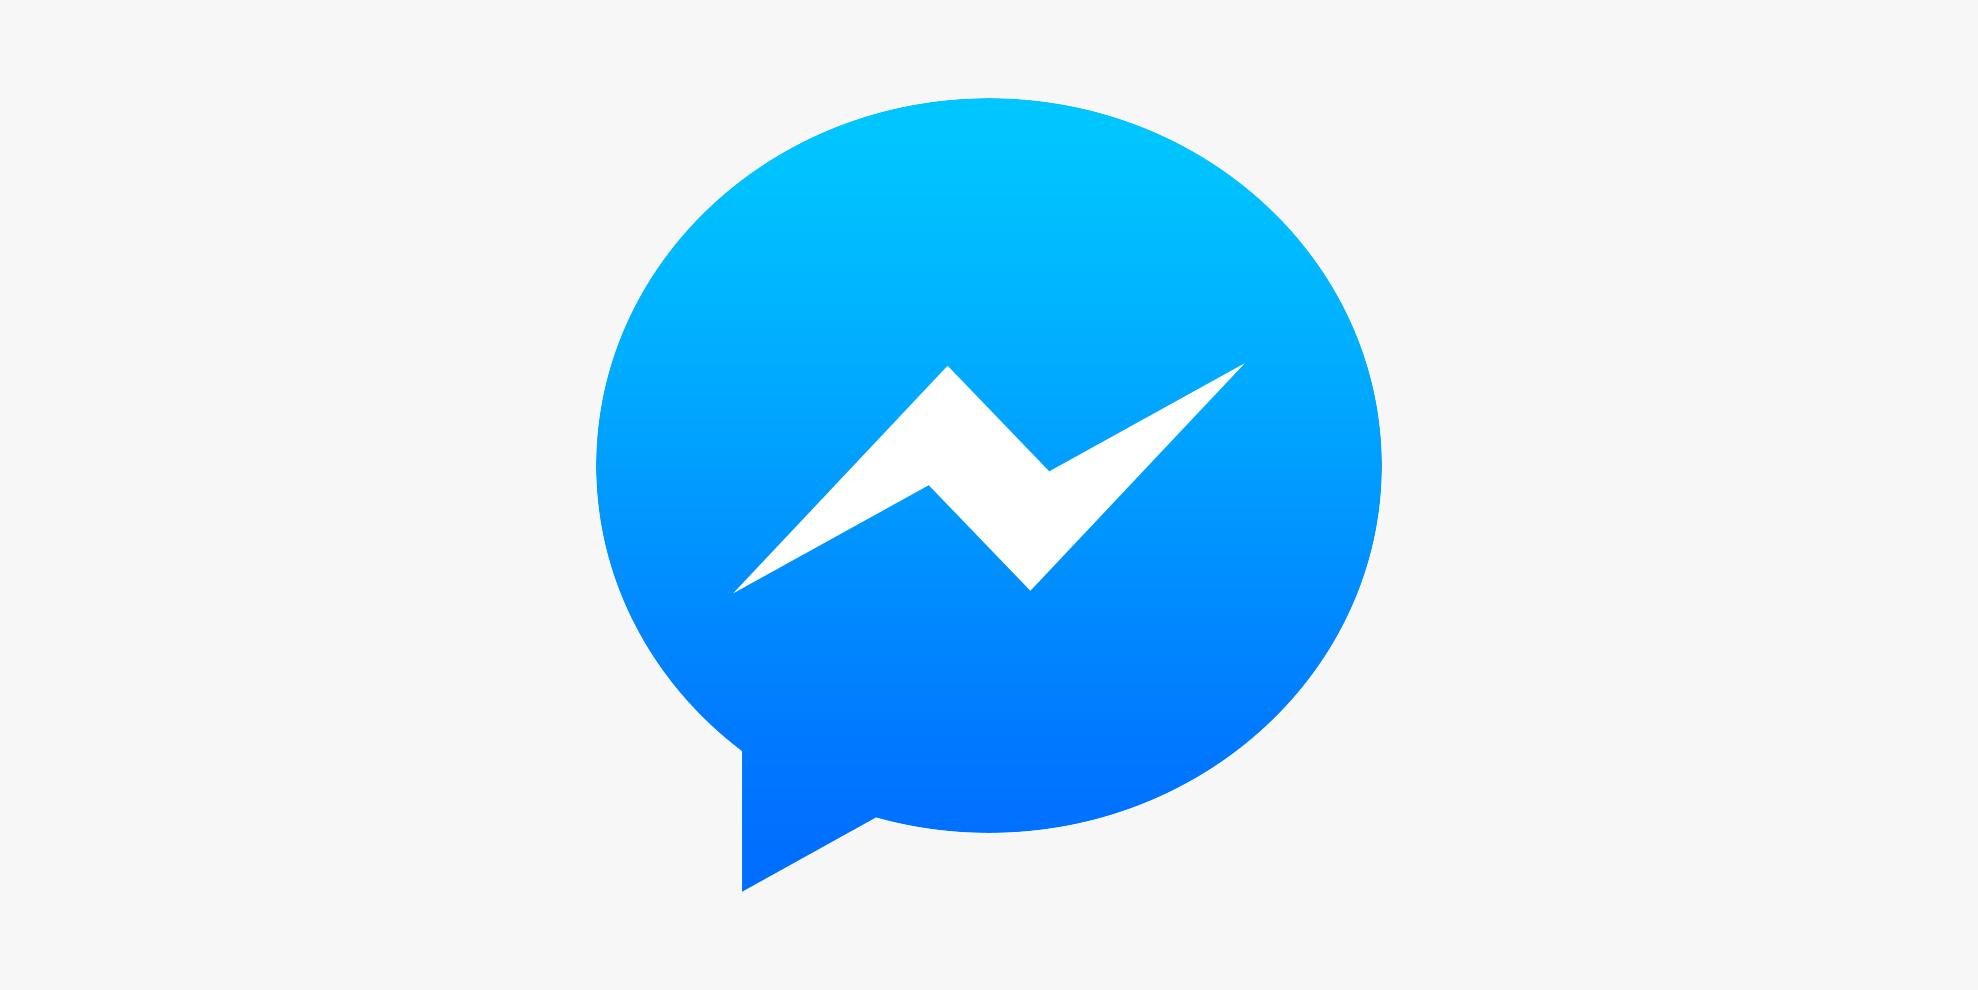 Facebook spustil skupinové videohovory [aktualizováno]